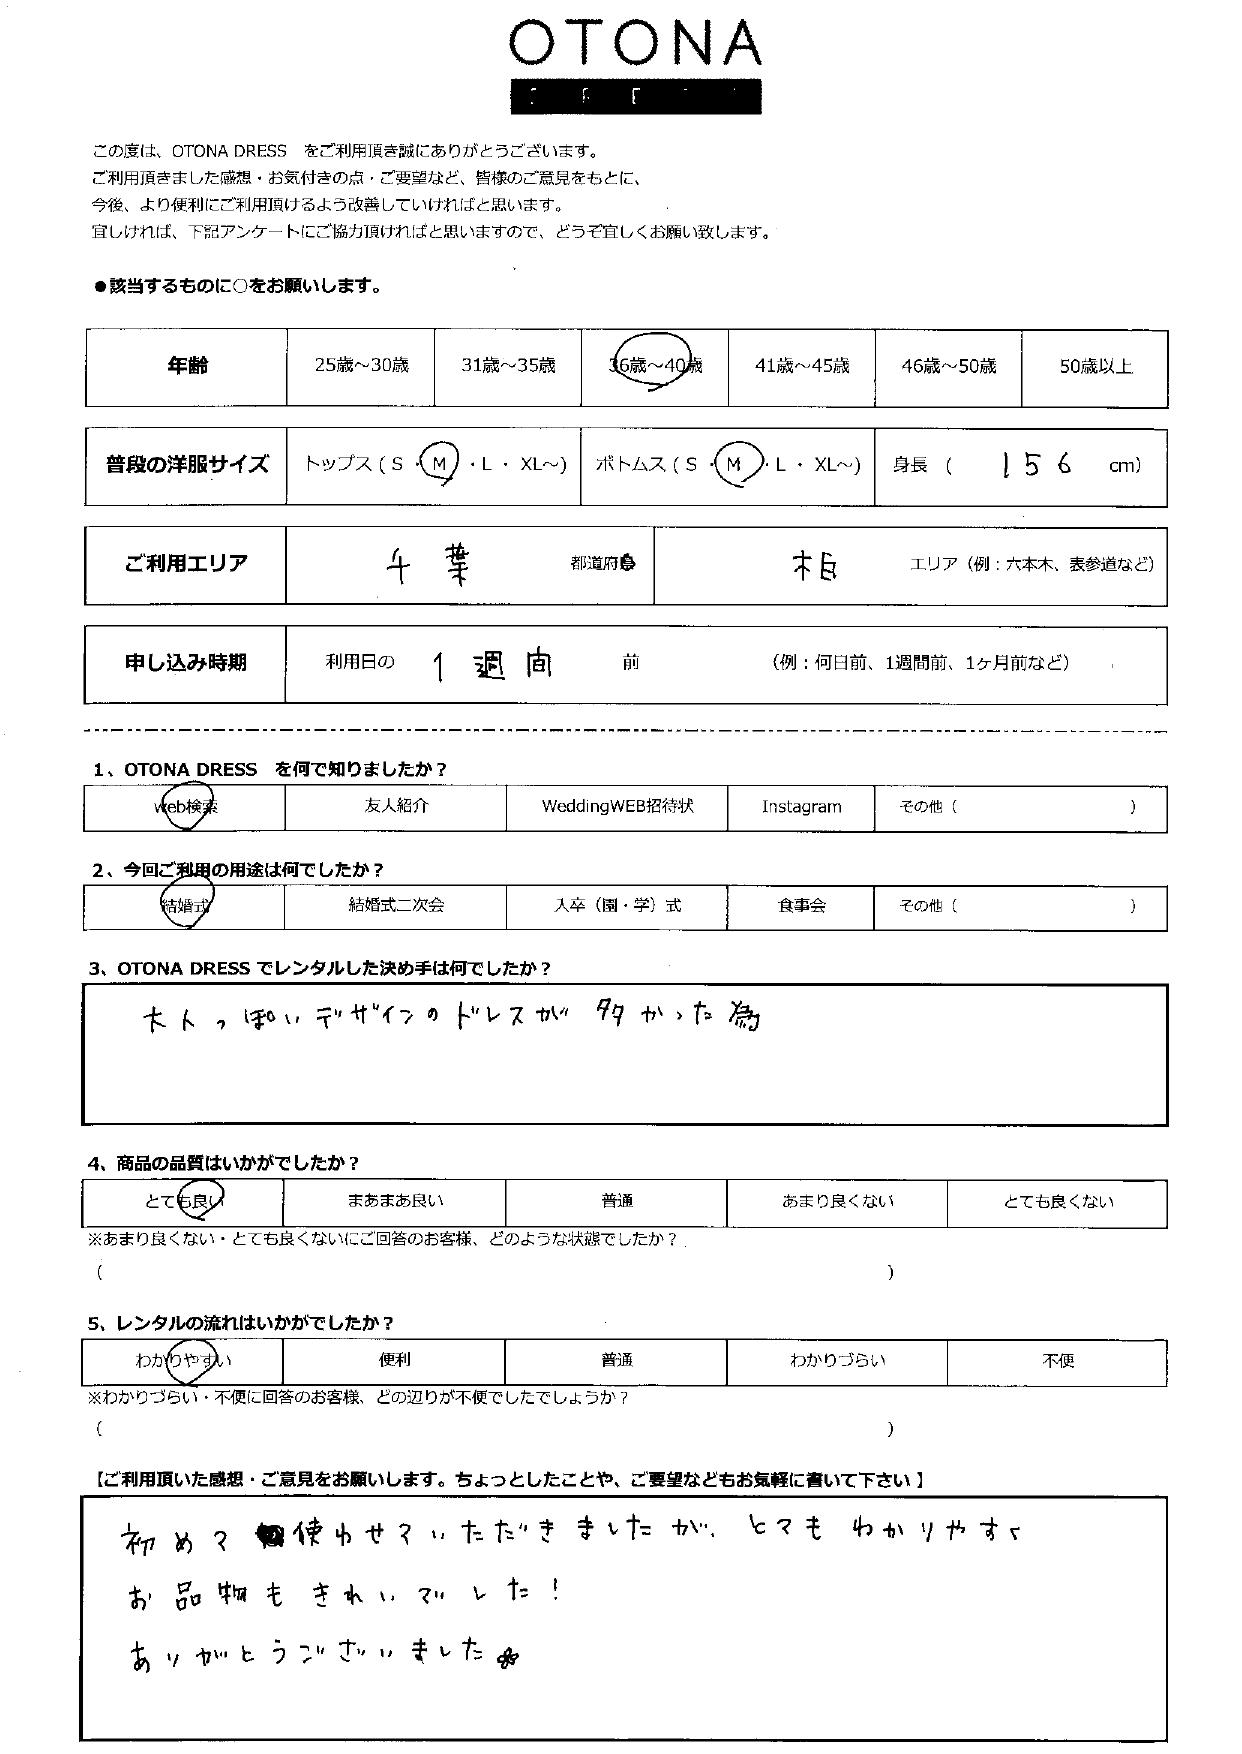 9/12結婚式ご利用 千葉・柏エリア